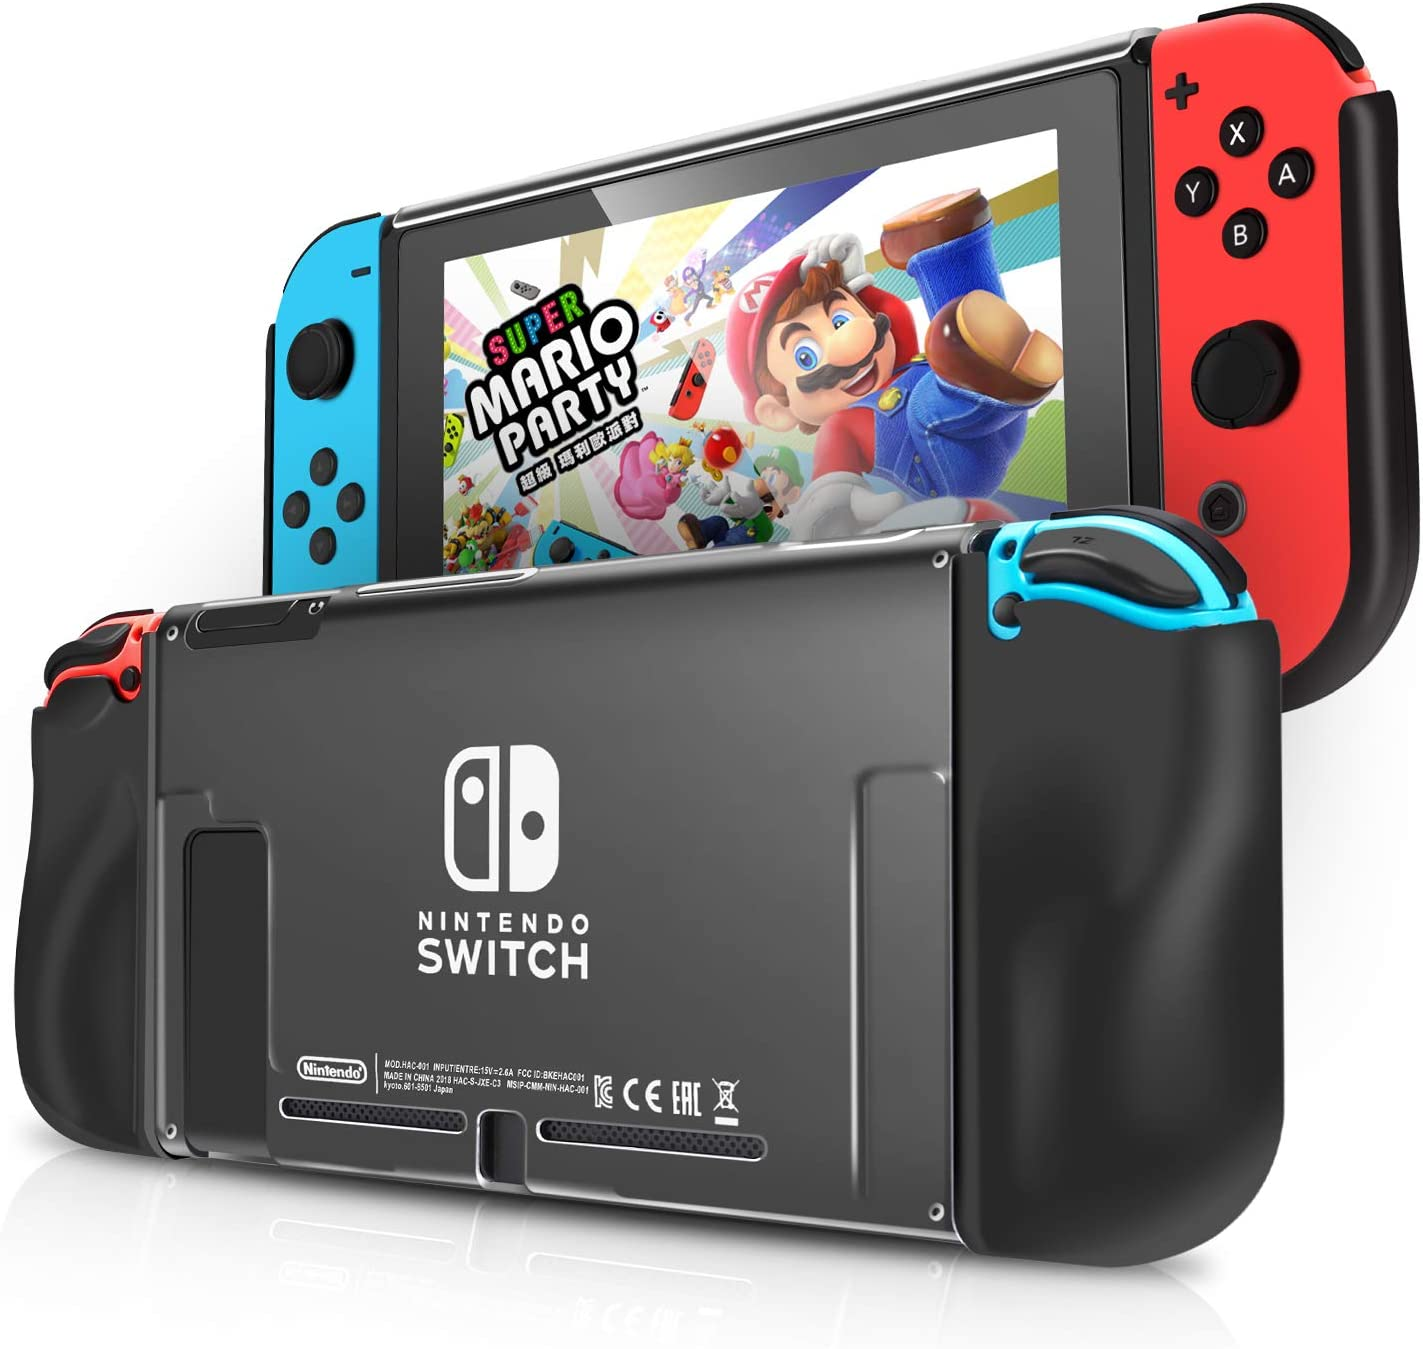 Funda Almacenamiento Protectora para Nintendo Switch IDESION Funda de TPU Suave y Ergonómica Antiarañazos Kit de Accesorios Nintendo - Negro: Amazon.es: Videojuegos